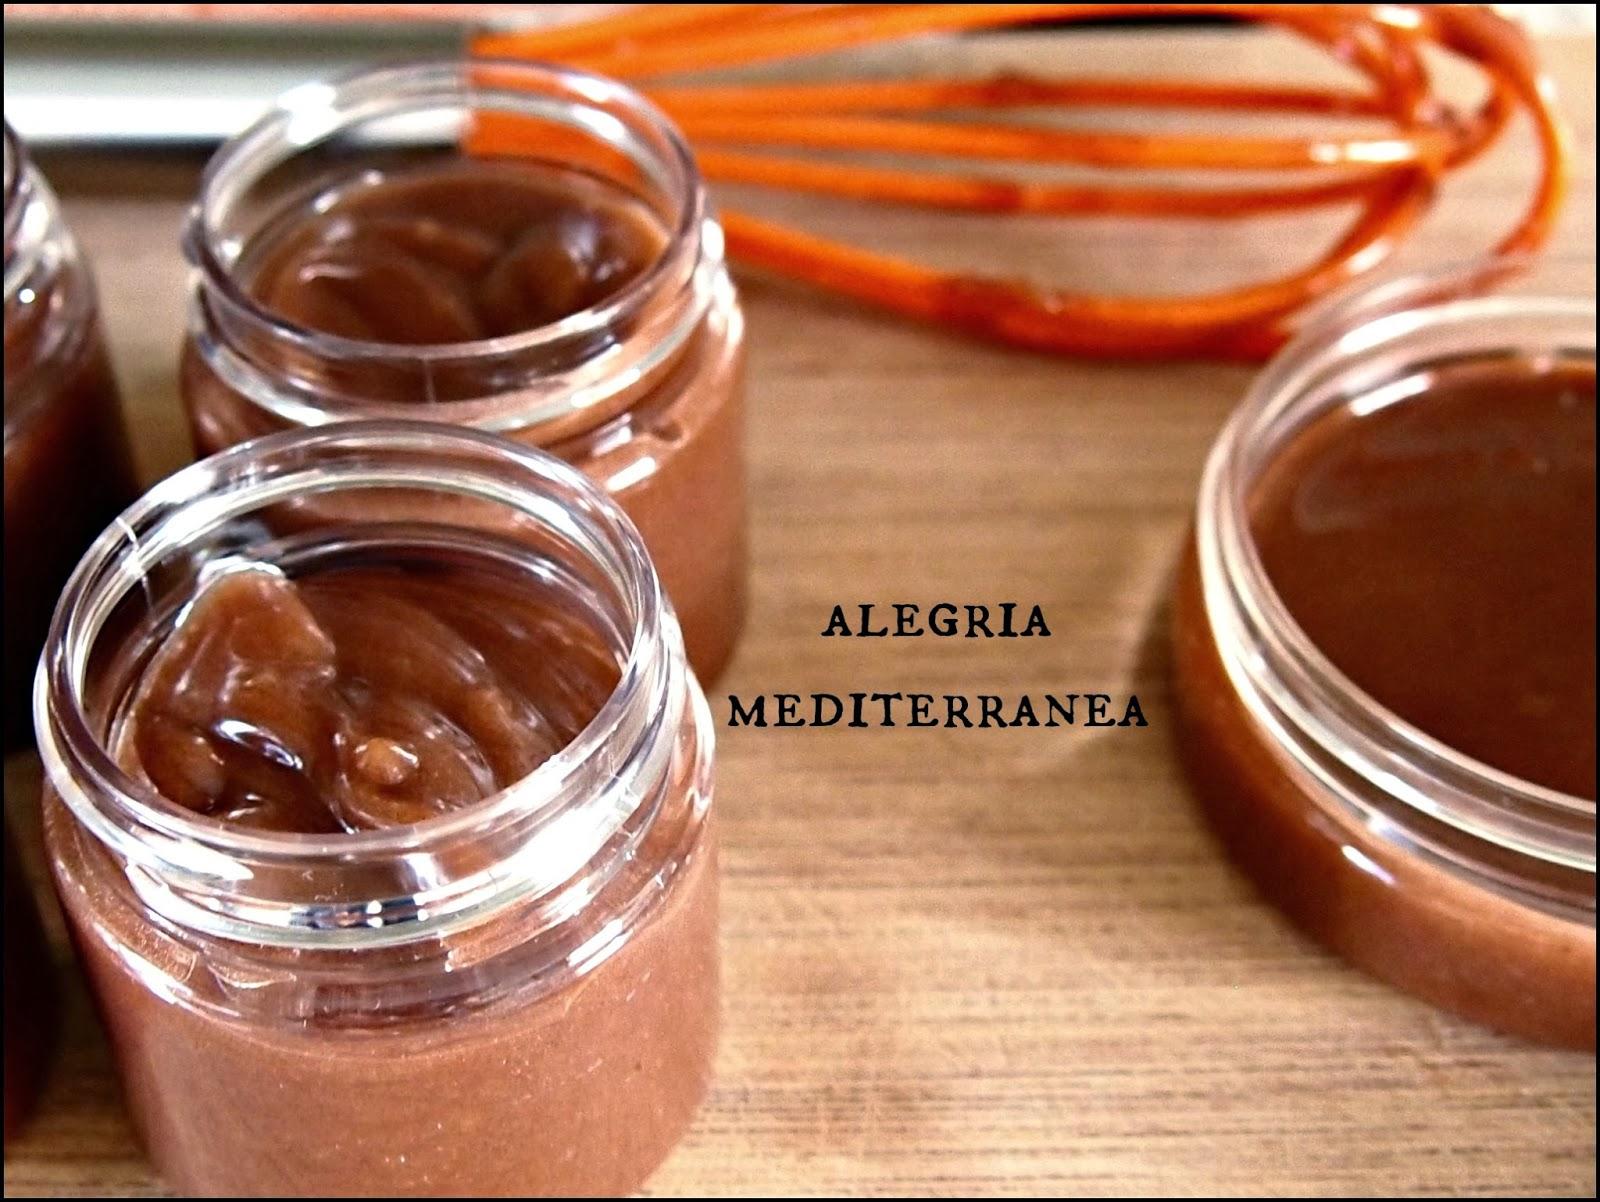 Alegria mediterranea desde mi cocina con amor una crema for Cocina con alegria